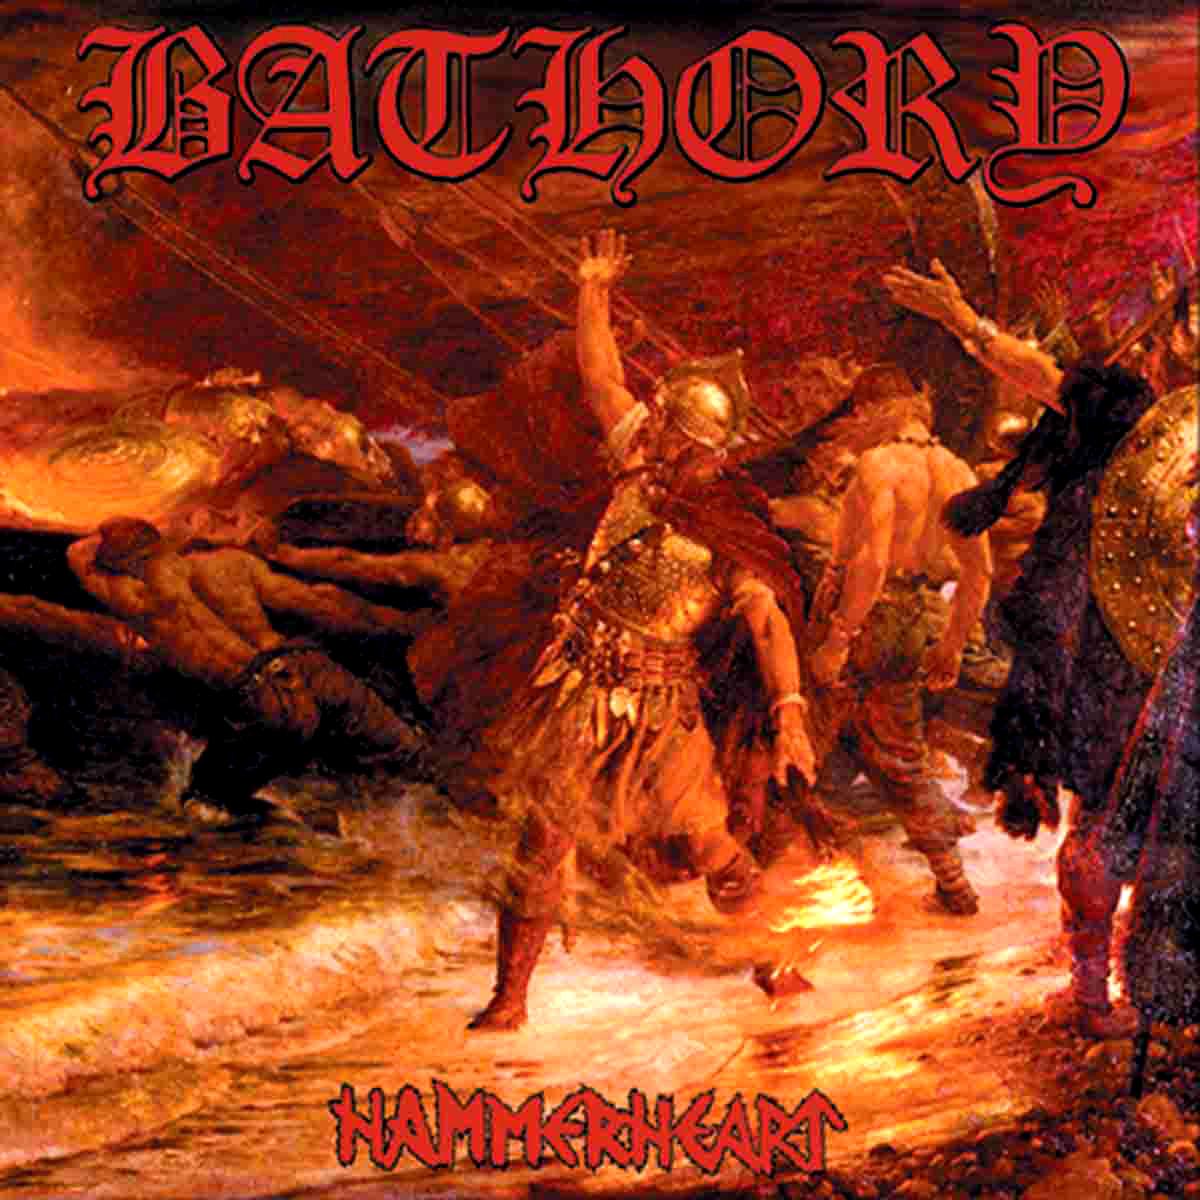 Yer Metal Is Olde  Bathory  Hammerheart  Angry Metal Guy